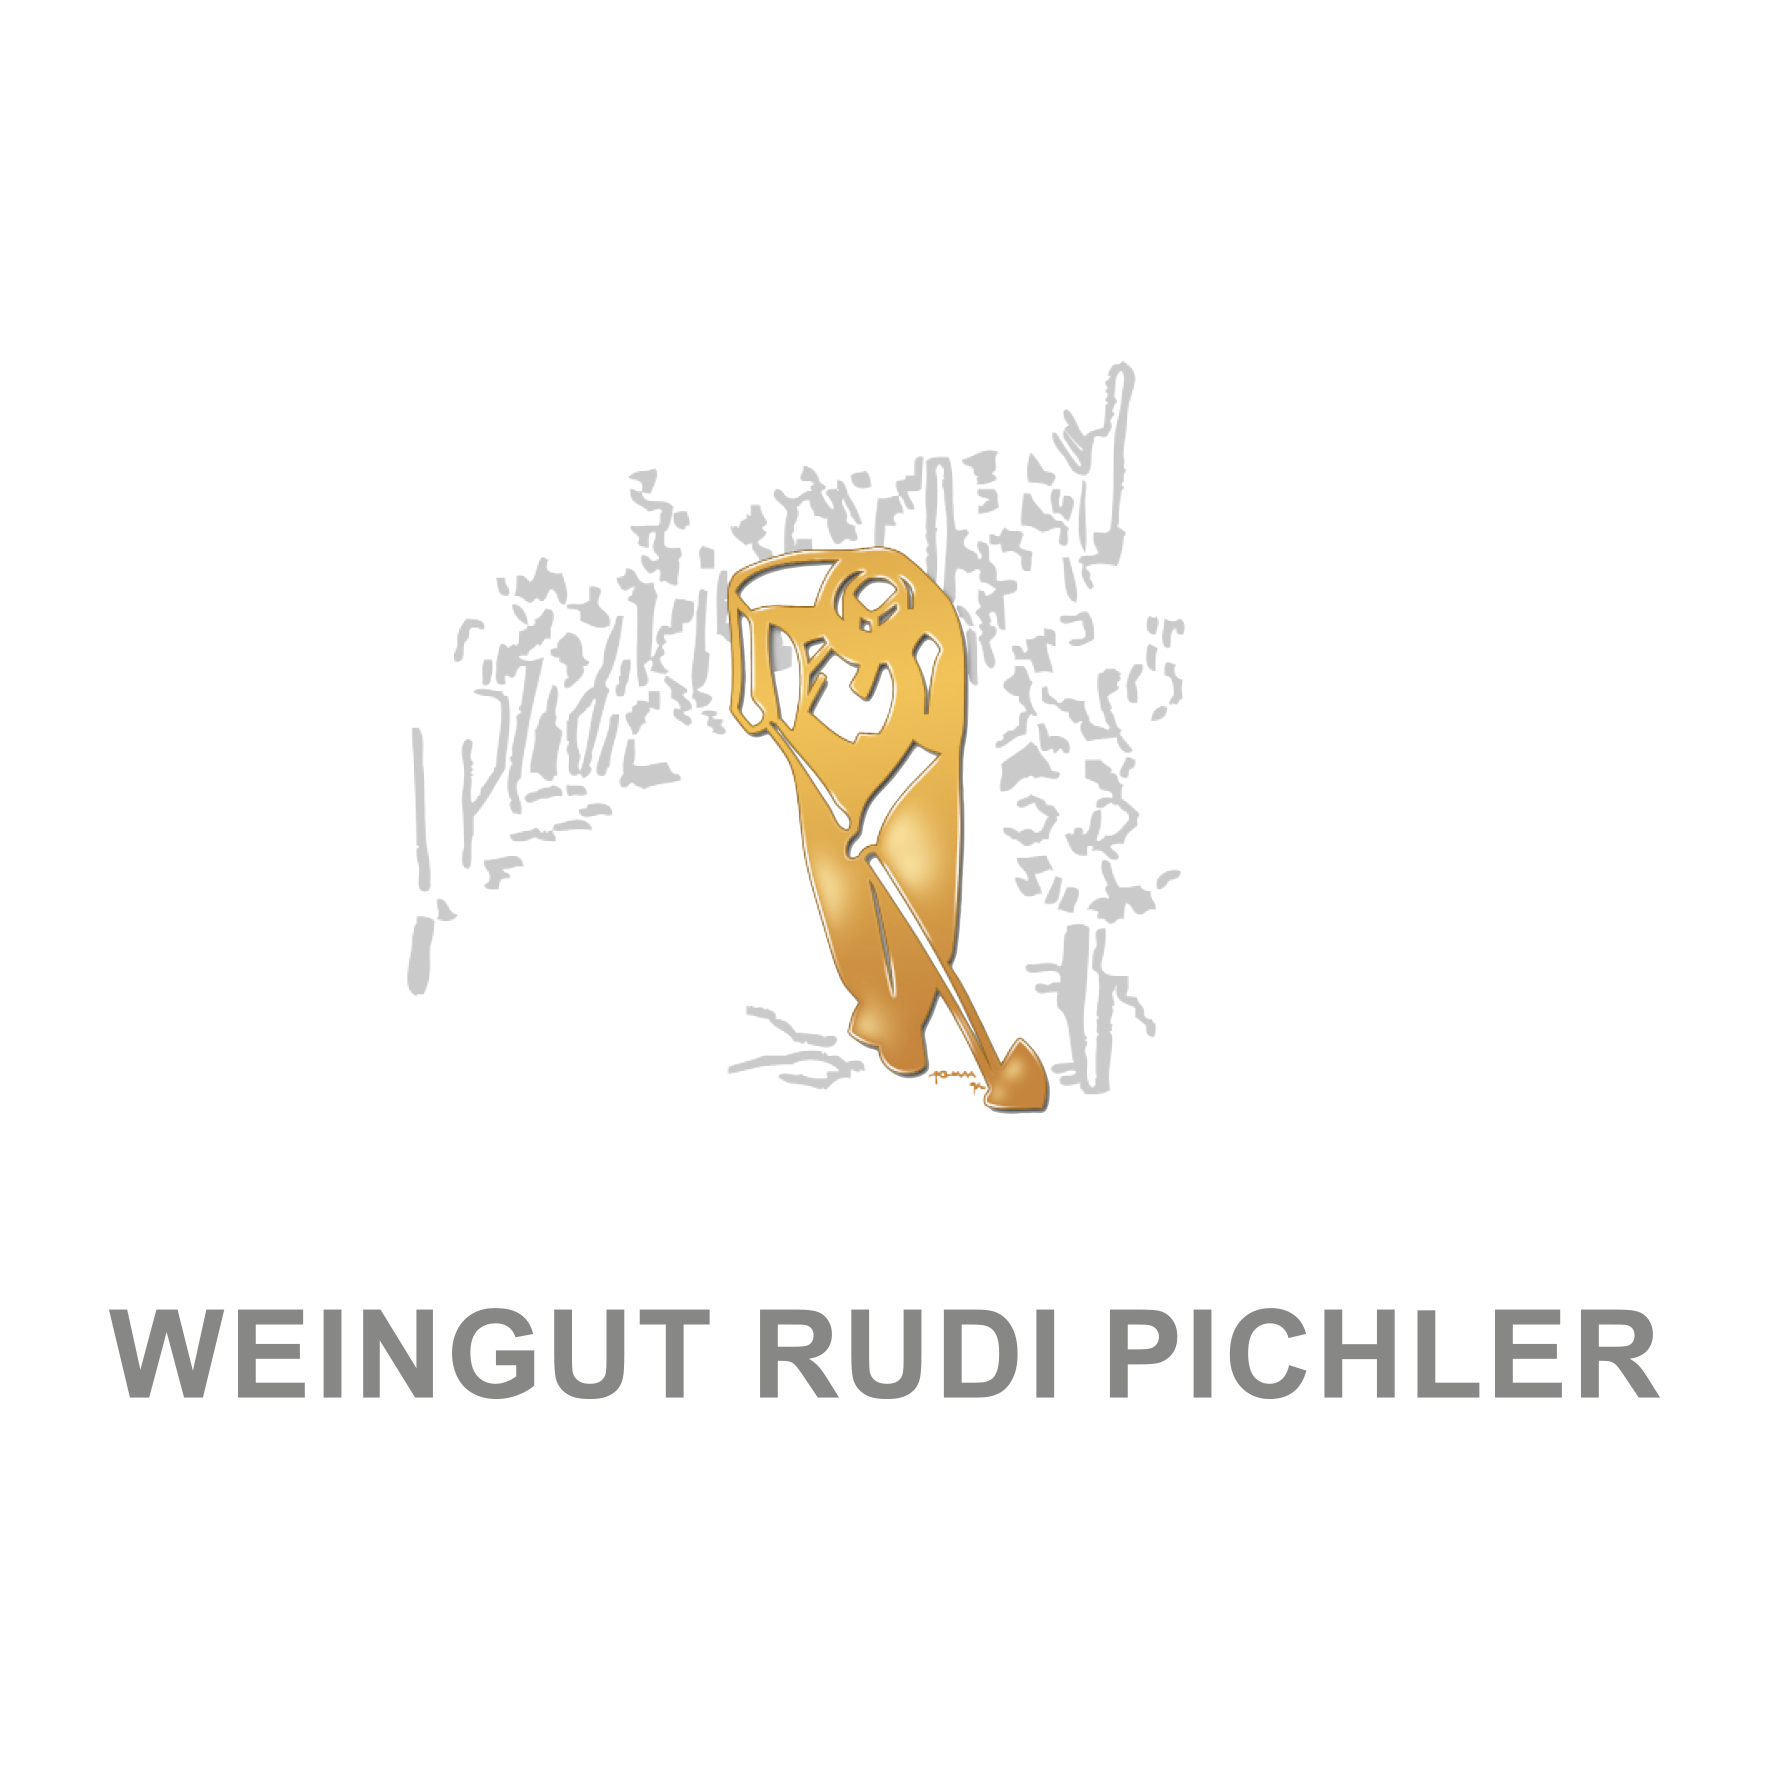 WEINGUT RUDI PICHLER